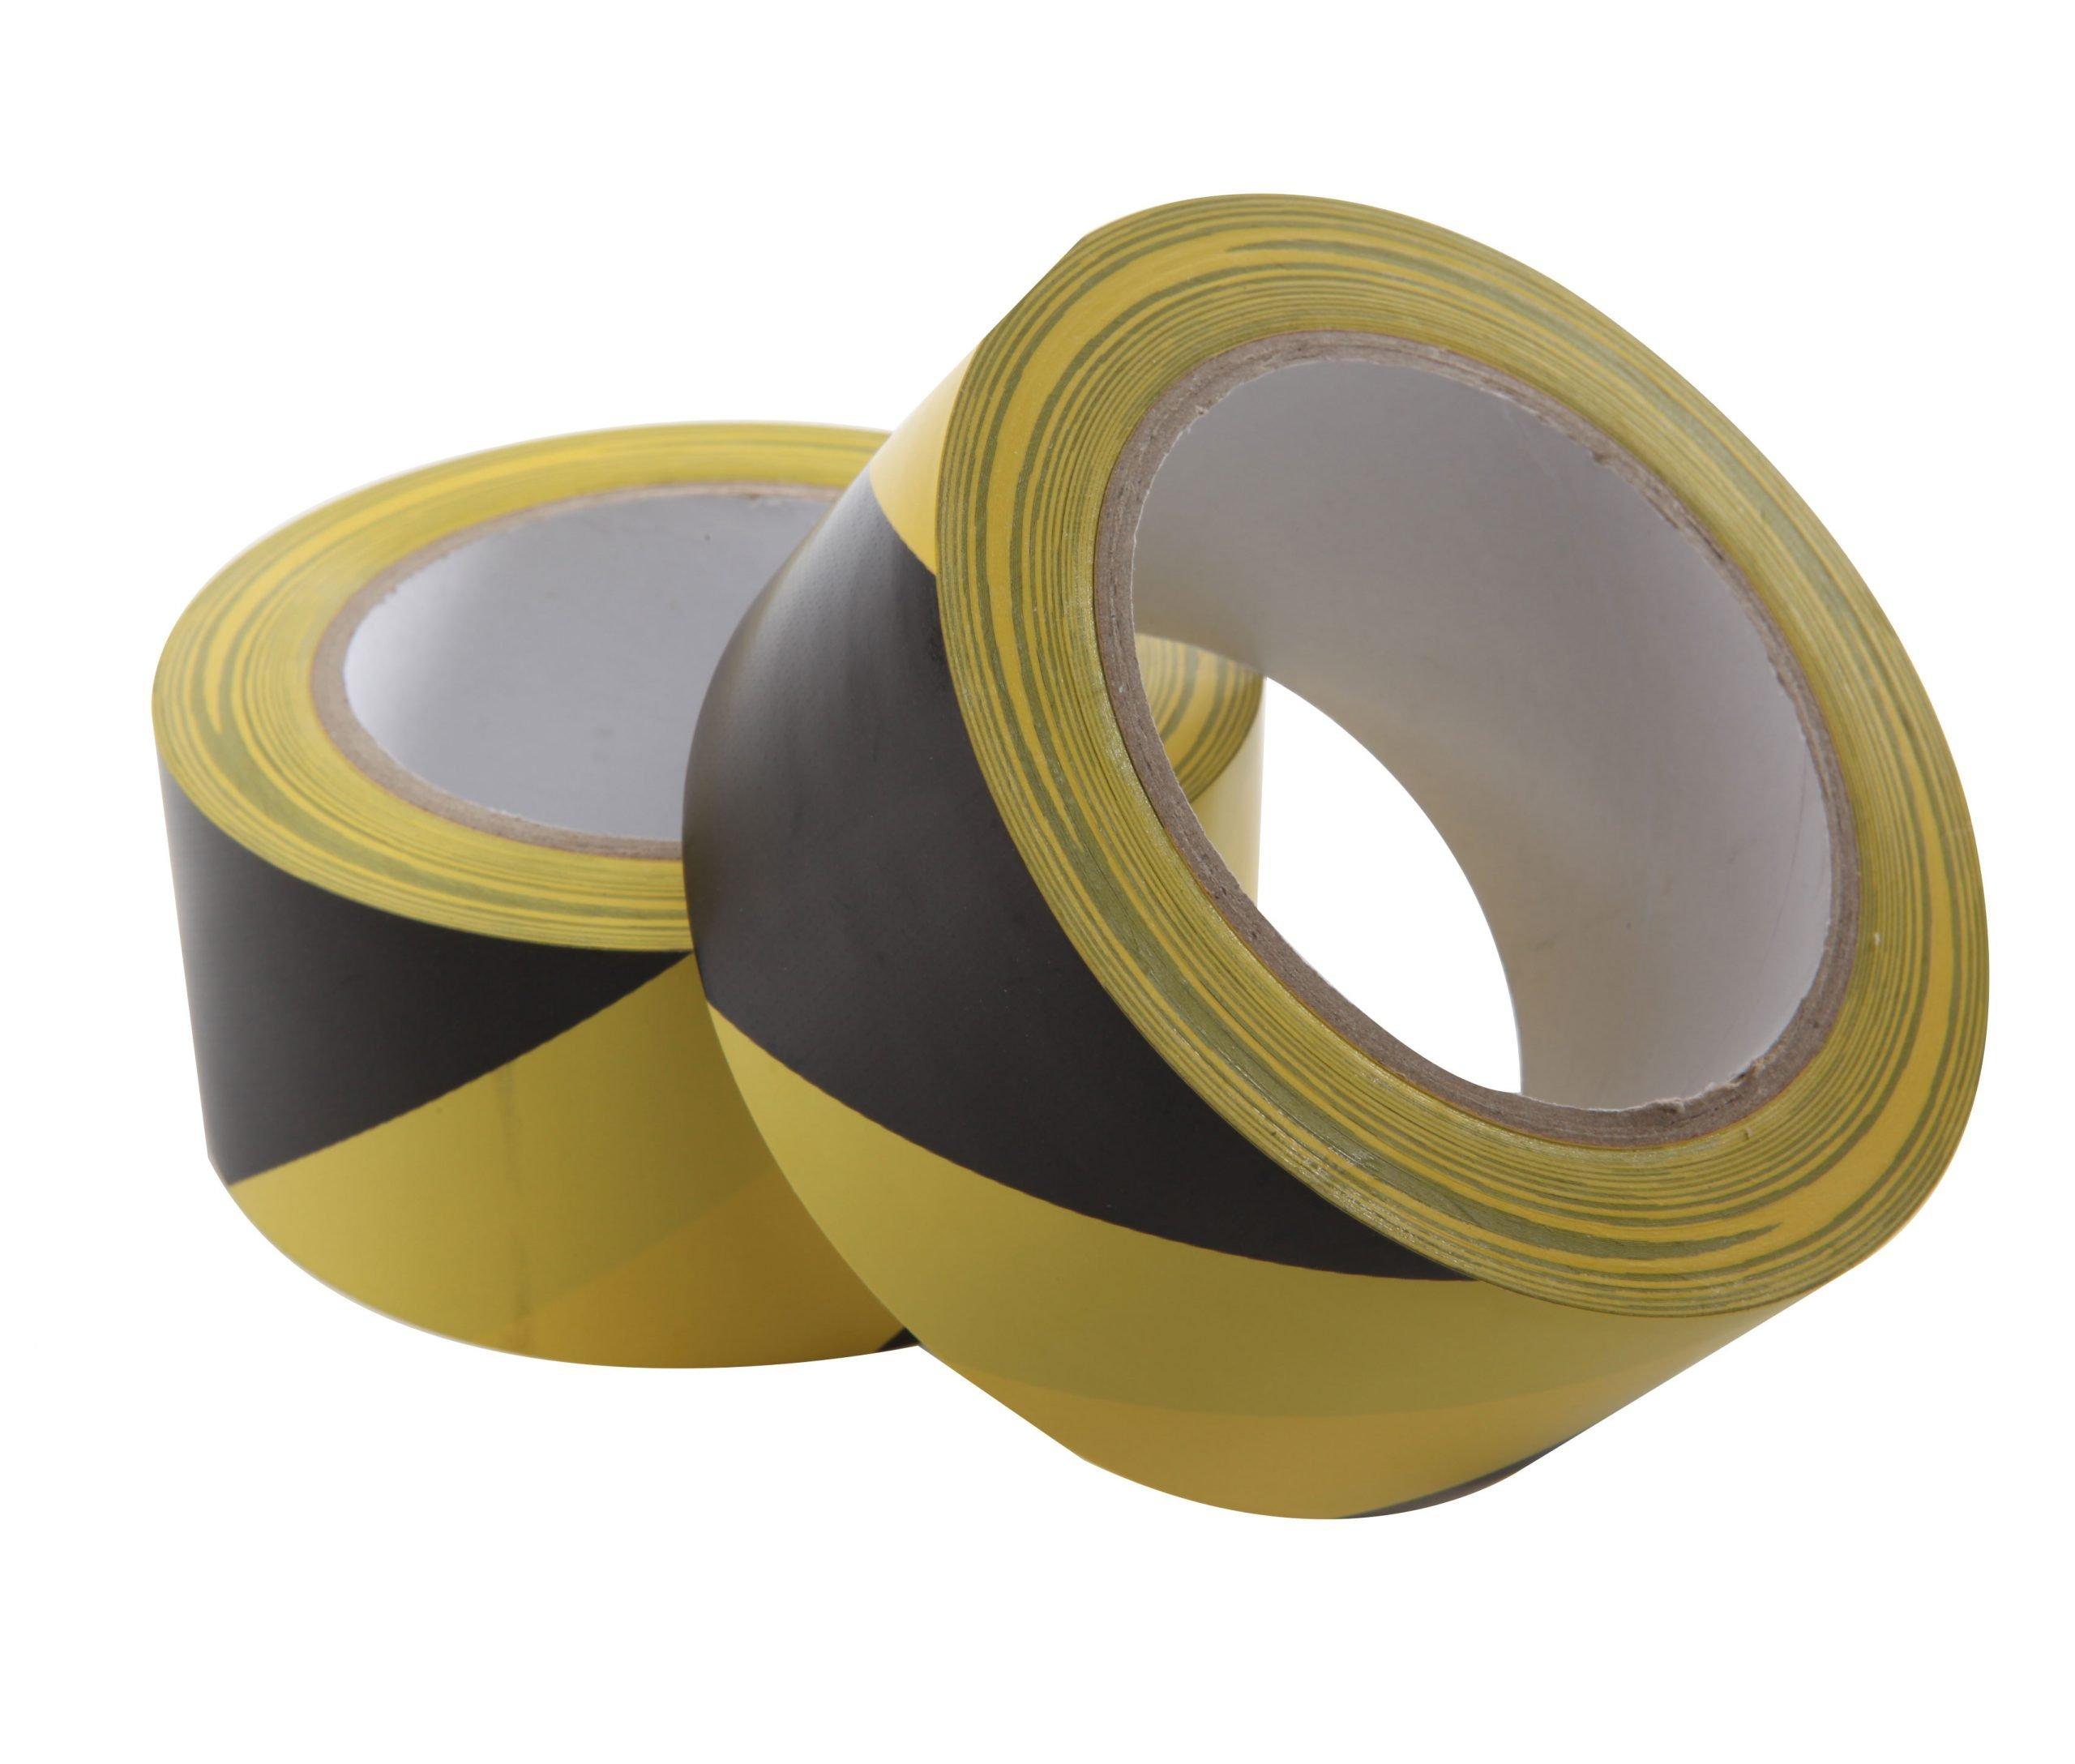 Vloermarkeringstape geel-zwart streep